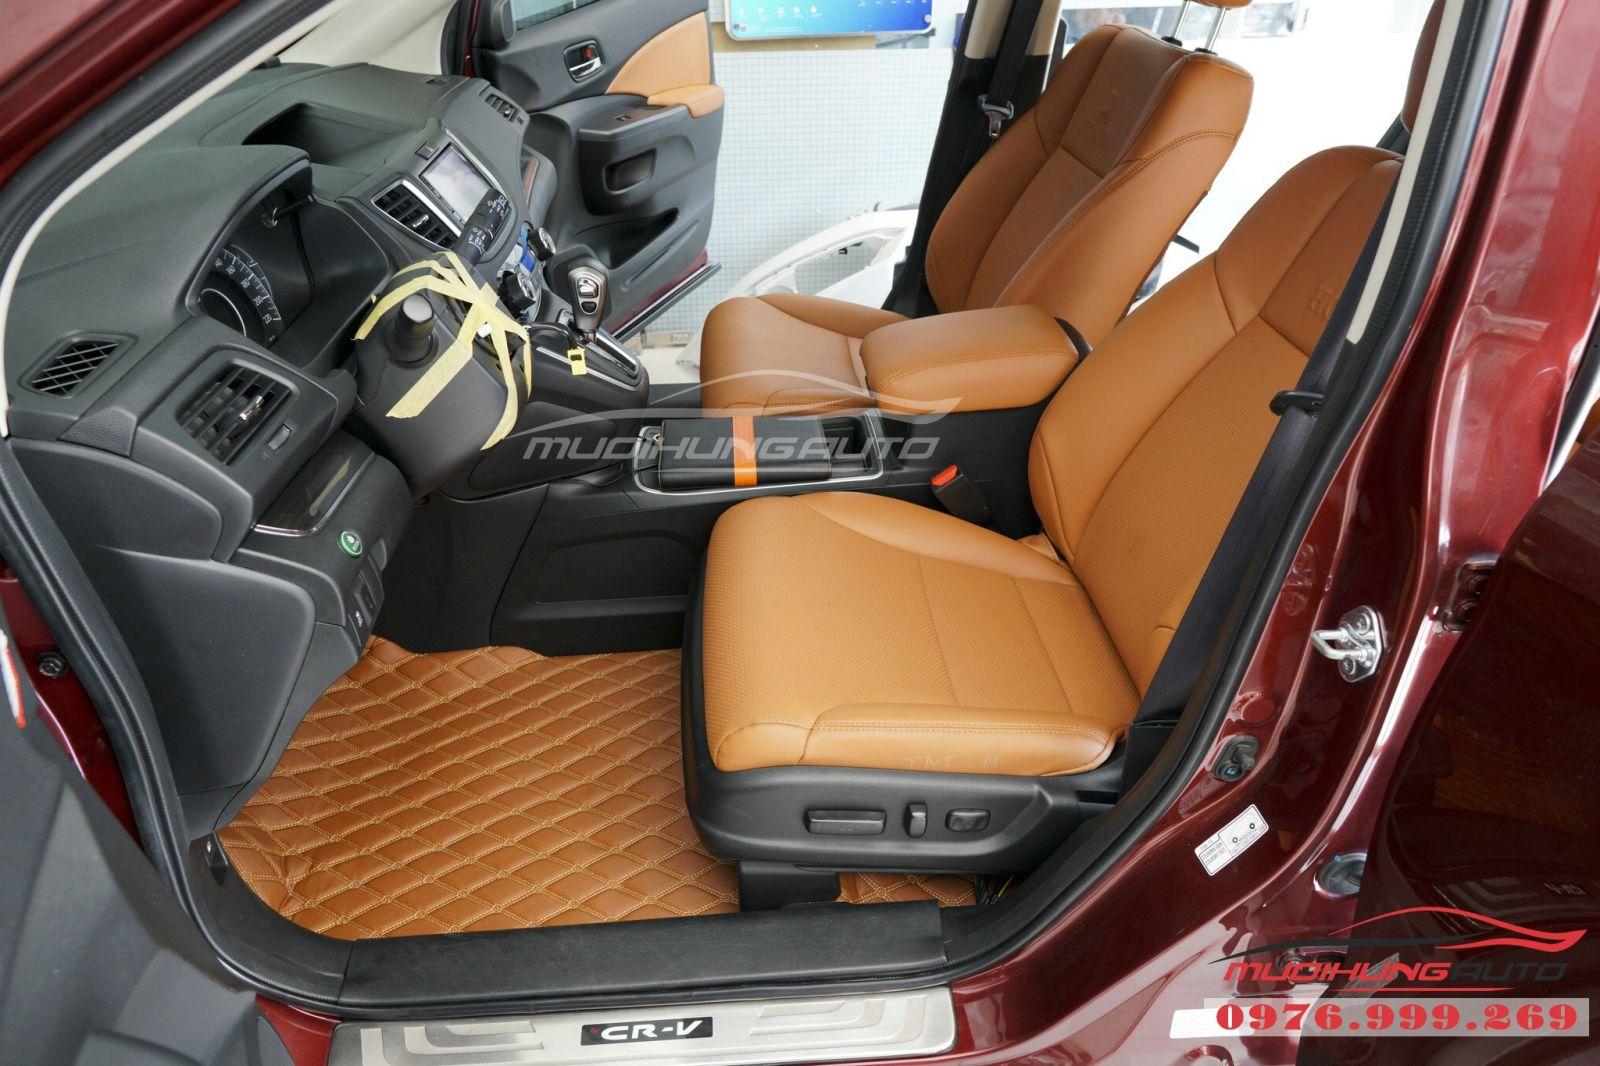 Lót sàn da 5D cao cấp cho Honda CRV giá tốt 06